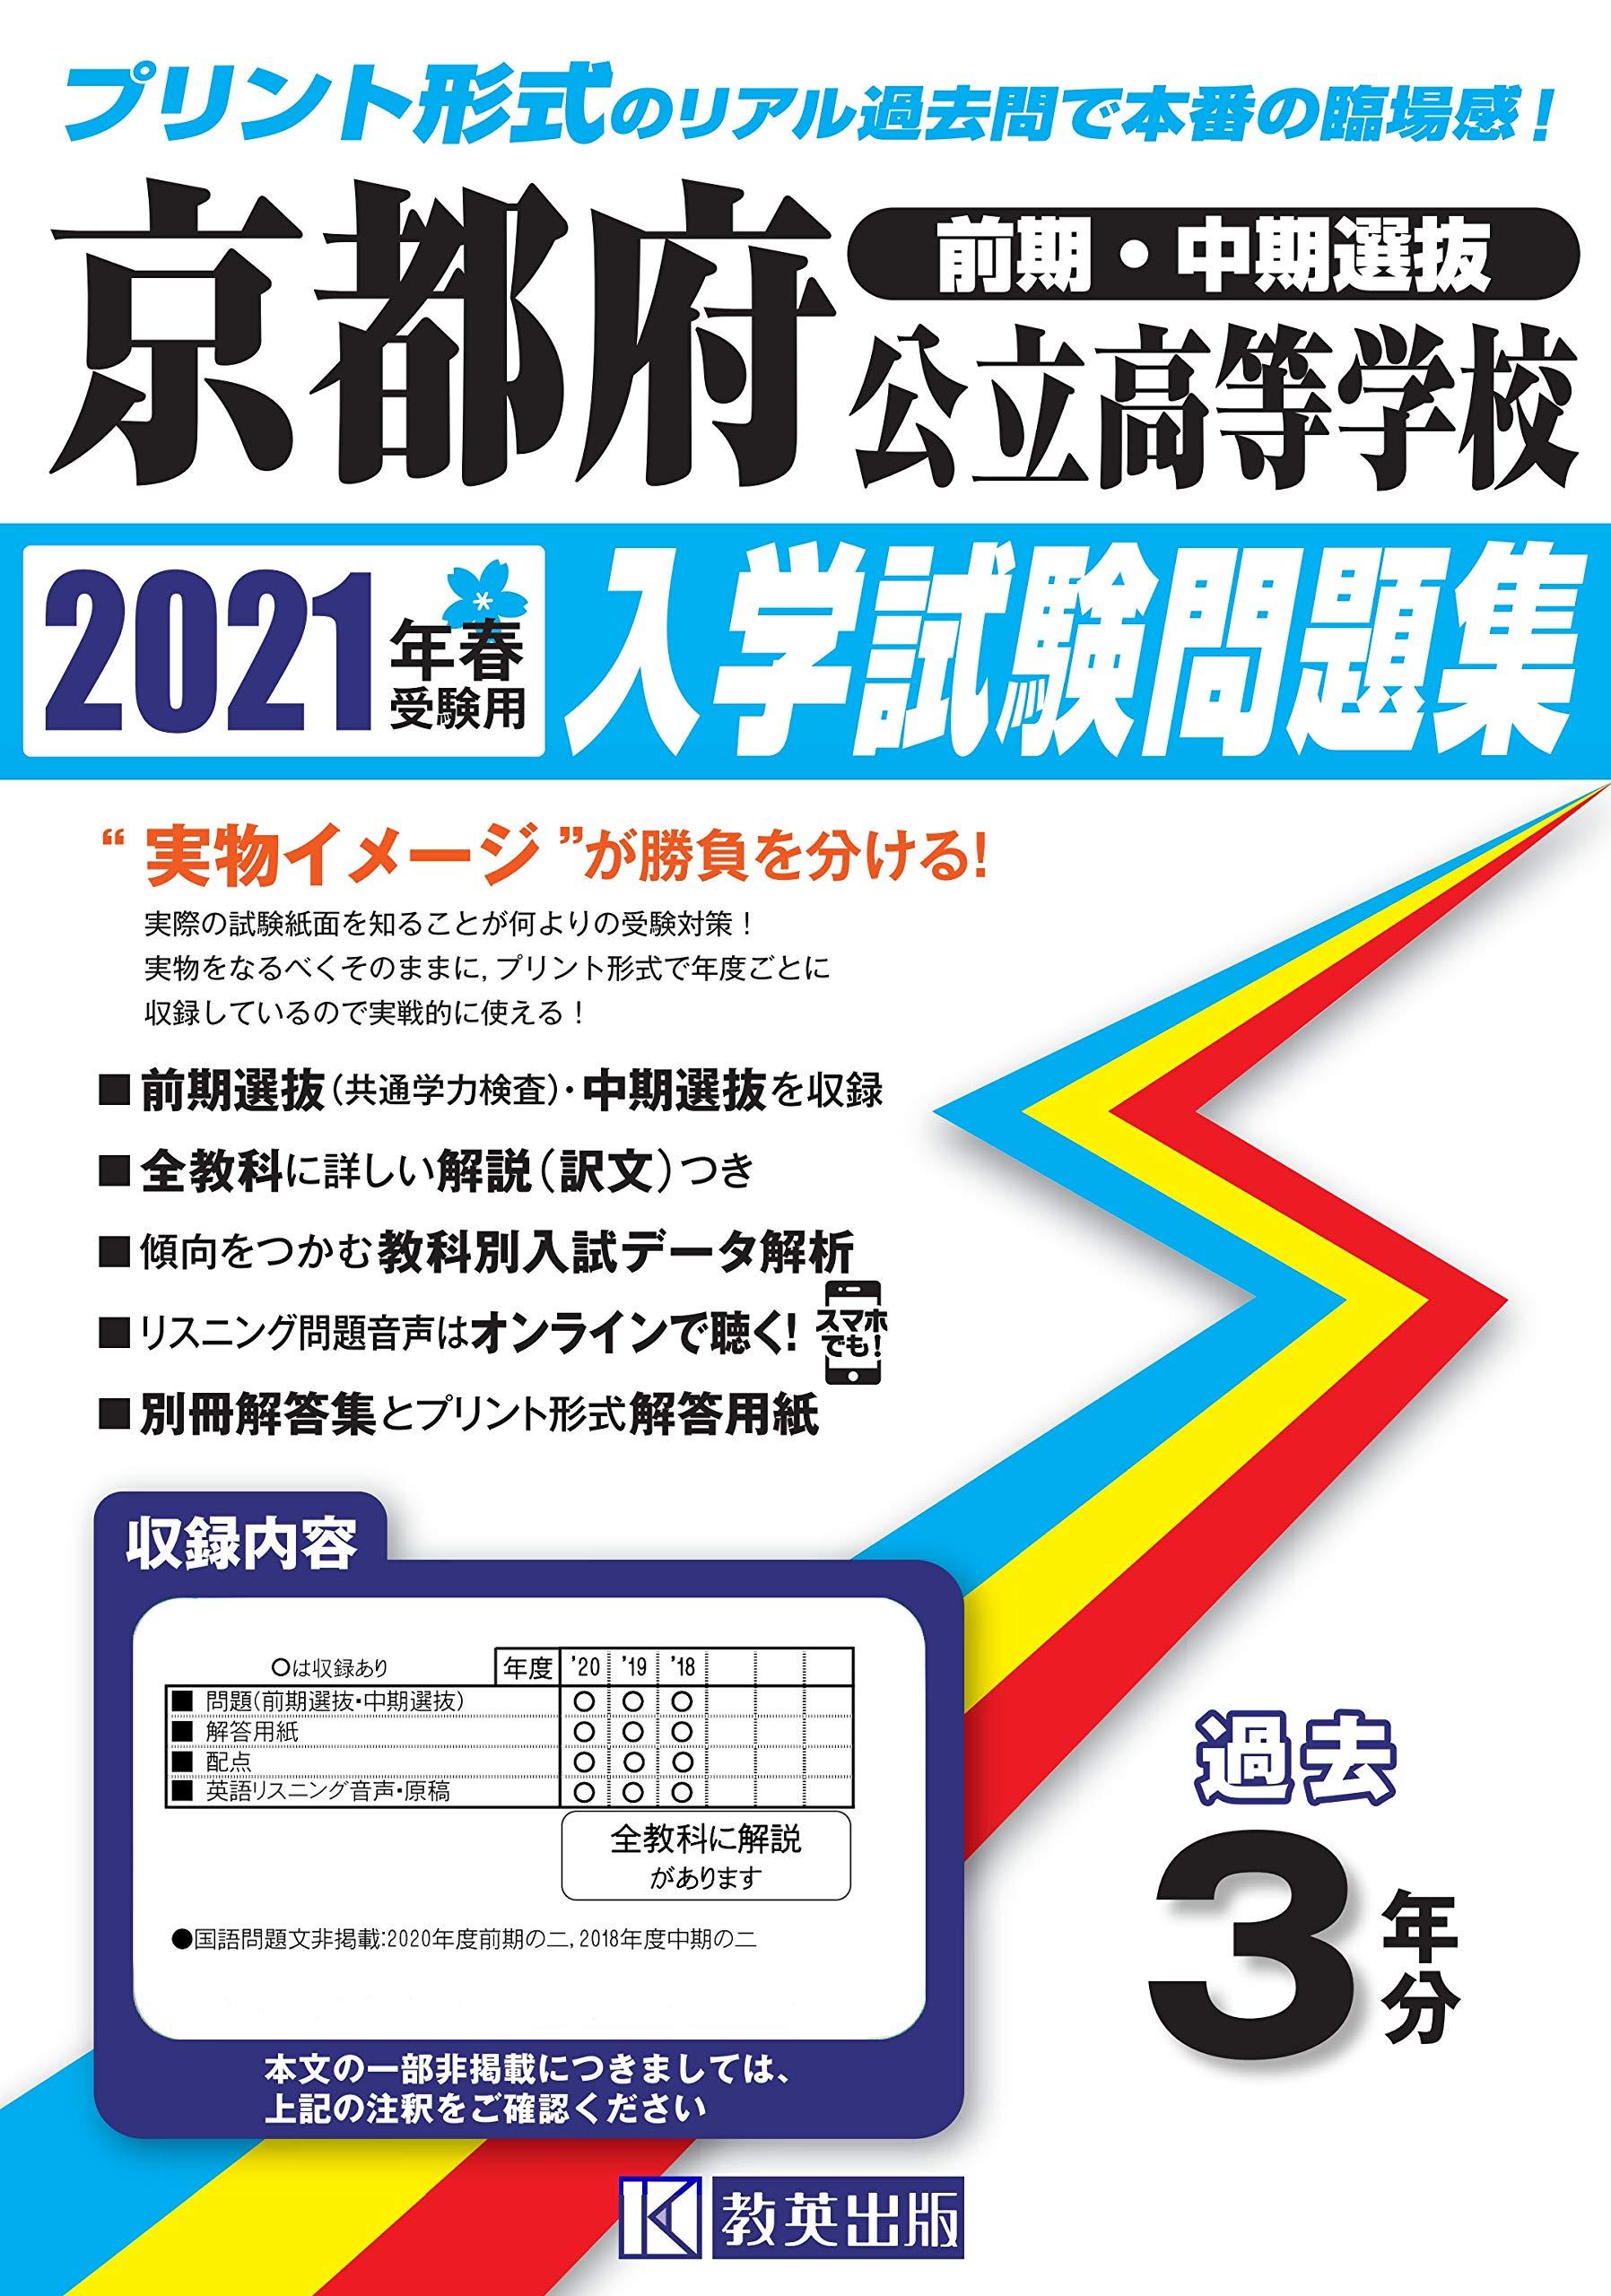 公立 高校 入試 京都 2021 府